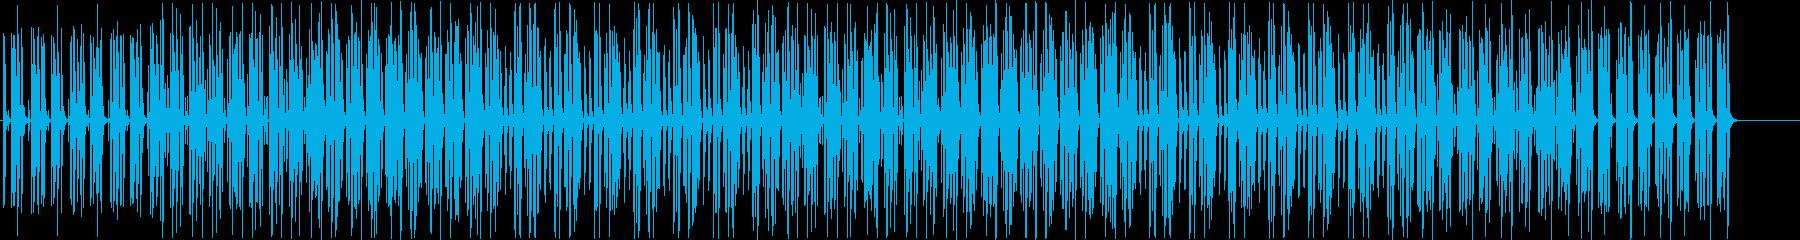 可愛い-軽快-ハウスポップ-BGM-番組の再生済みの波形